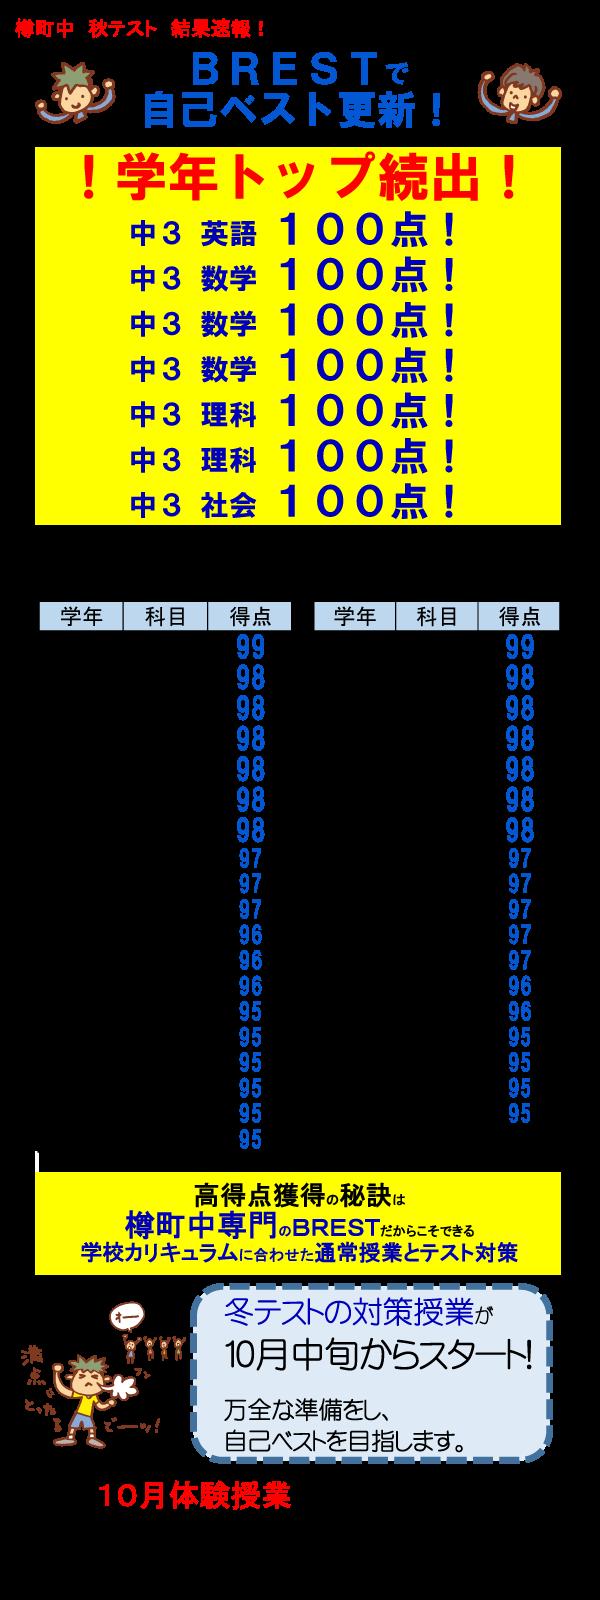 BREST綱島樽町中秋テスト結果速報!